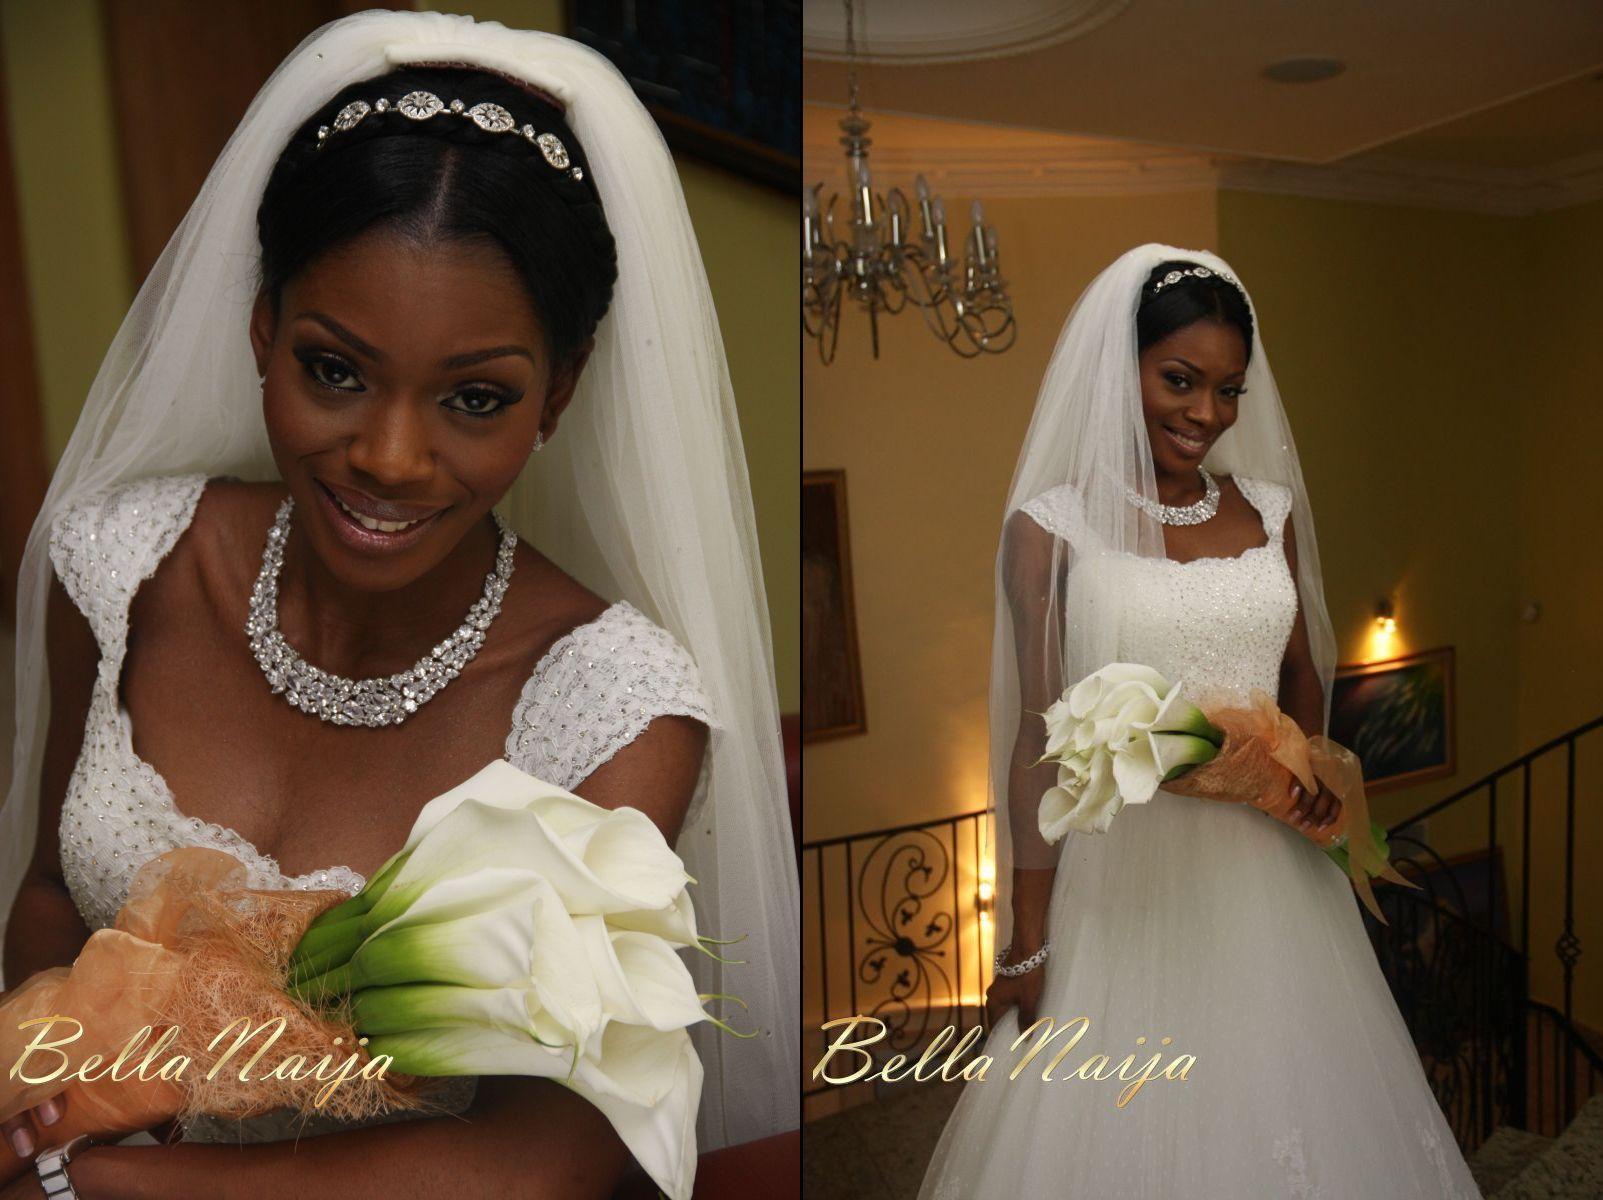 Bella Naija Dresses | BellaNaija Weddings Presents 13 Fabulous Wedding Trends For 2013 | Ankara ...